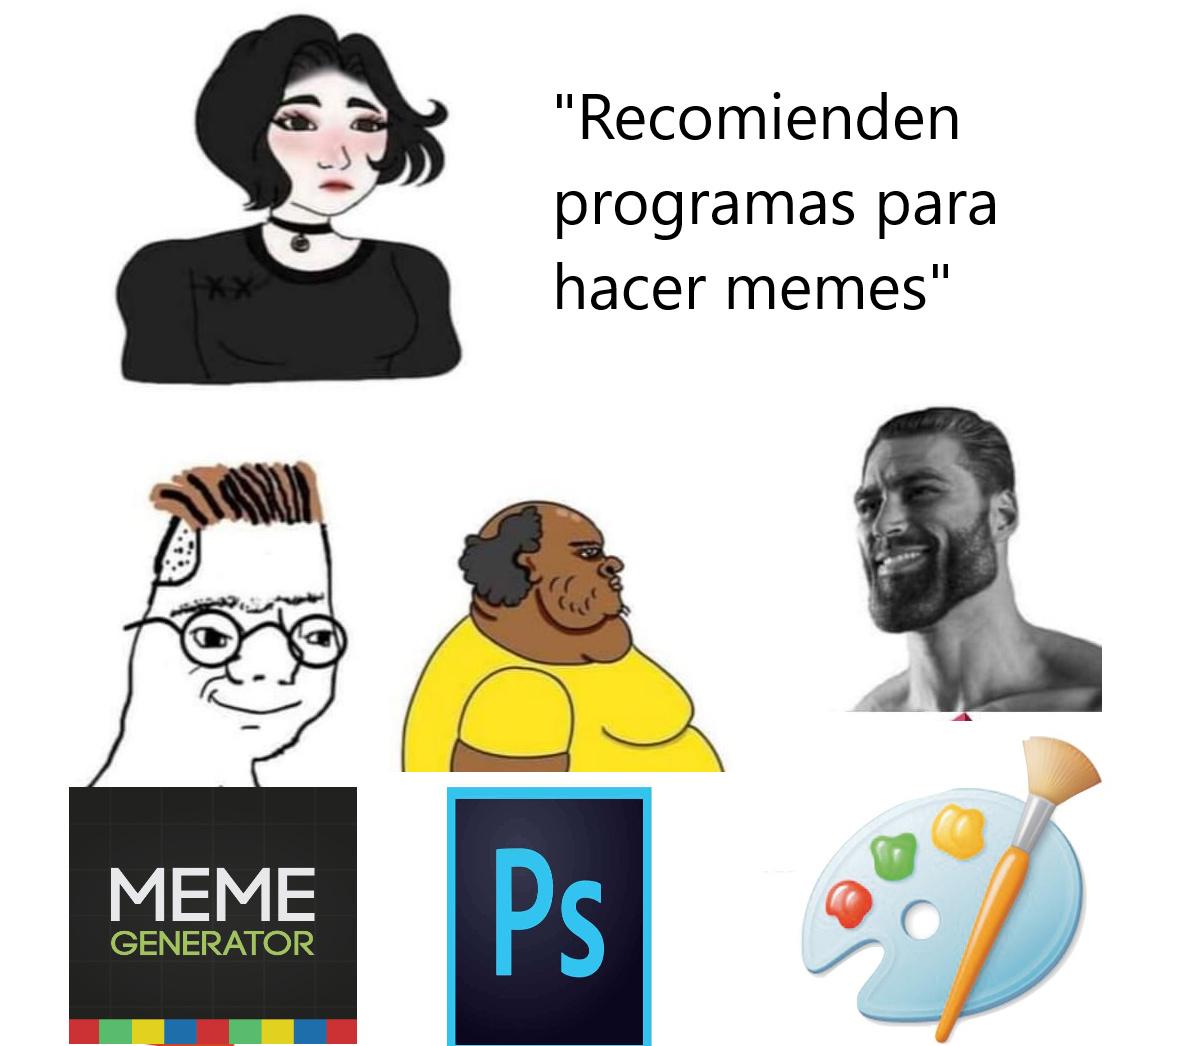 echo en paint - meme